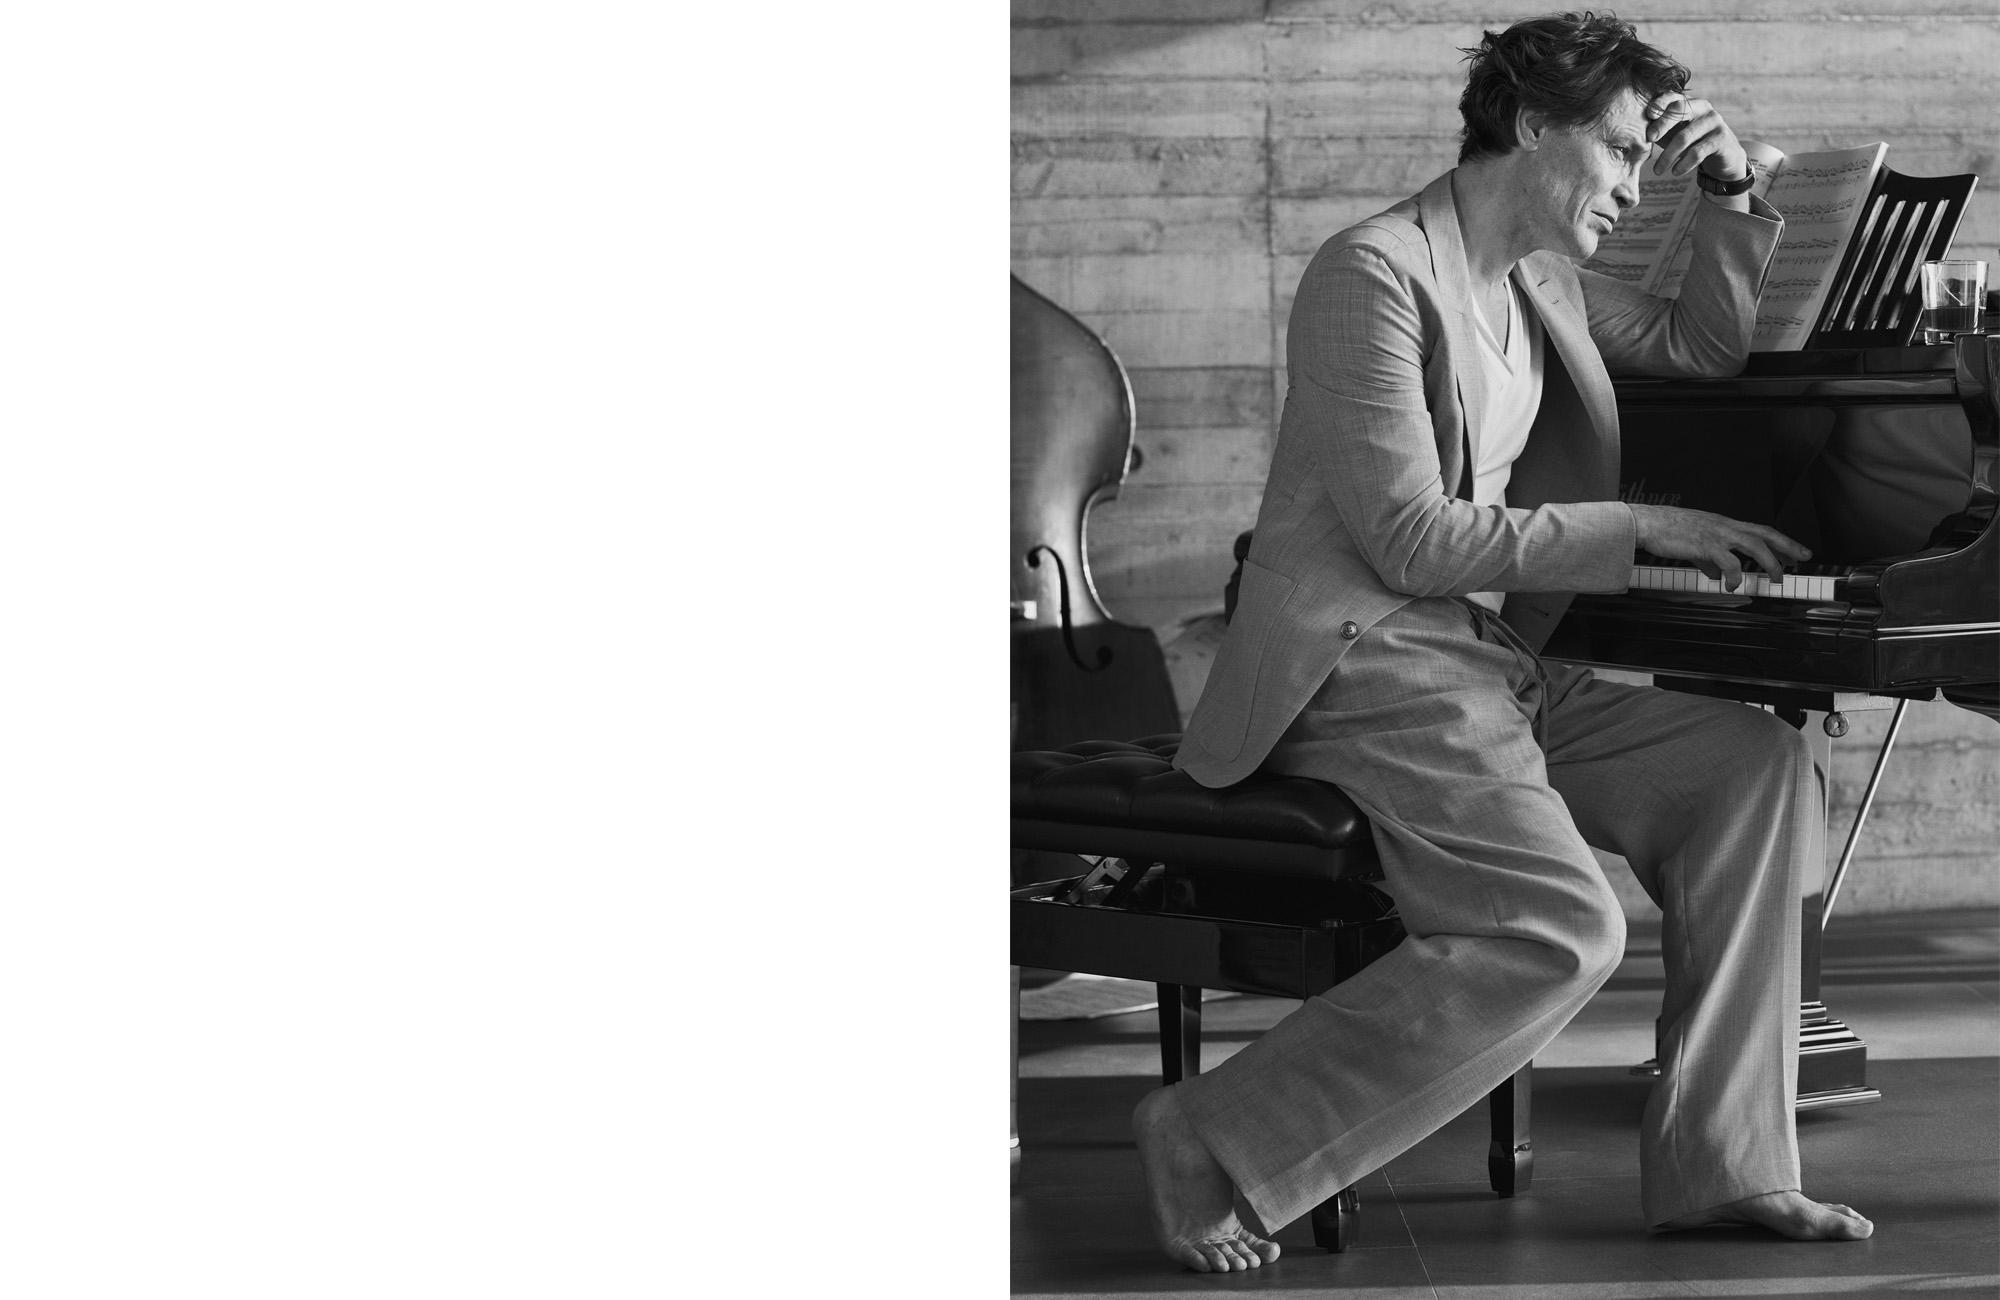 Esquire Magazine – Composer - 1 of 7